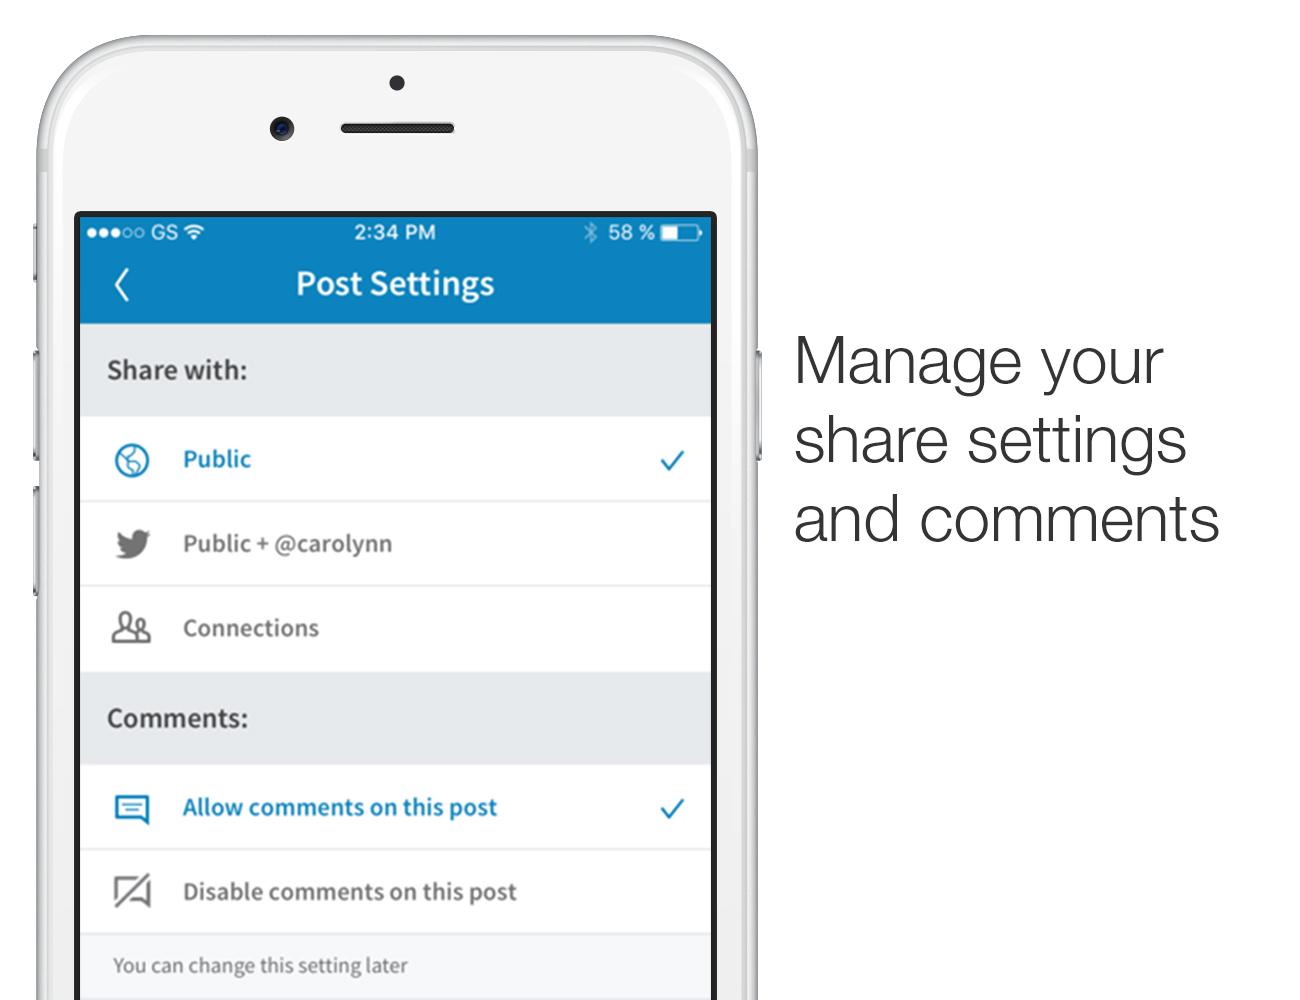 comment-share-settings.jpg